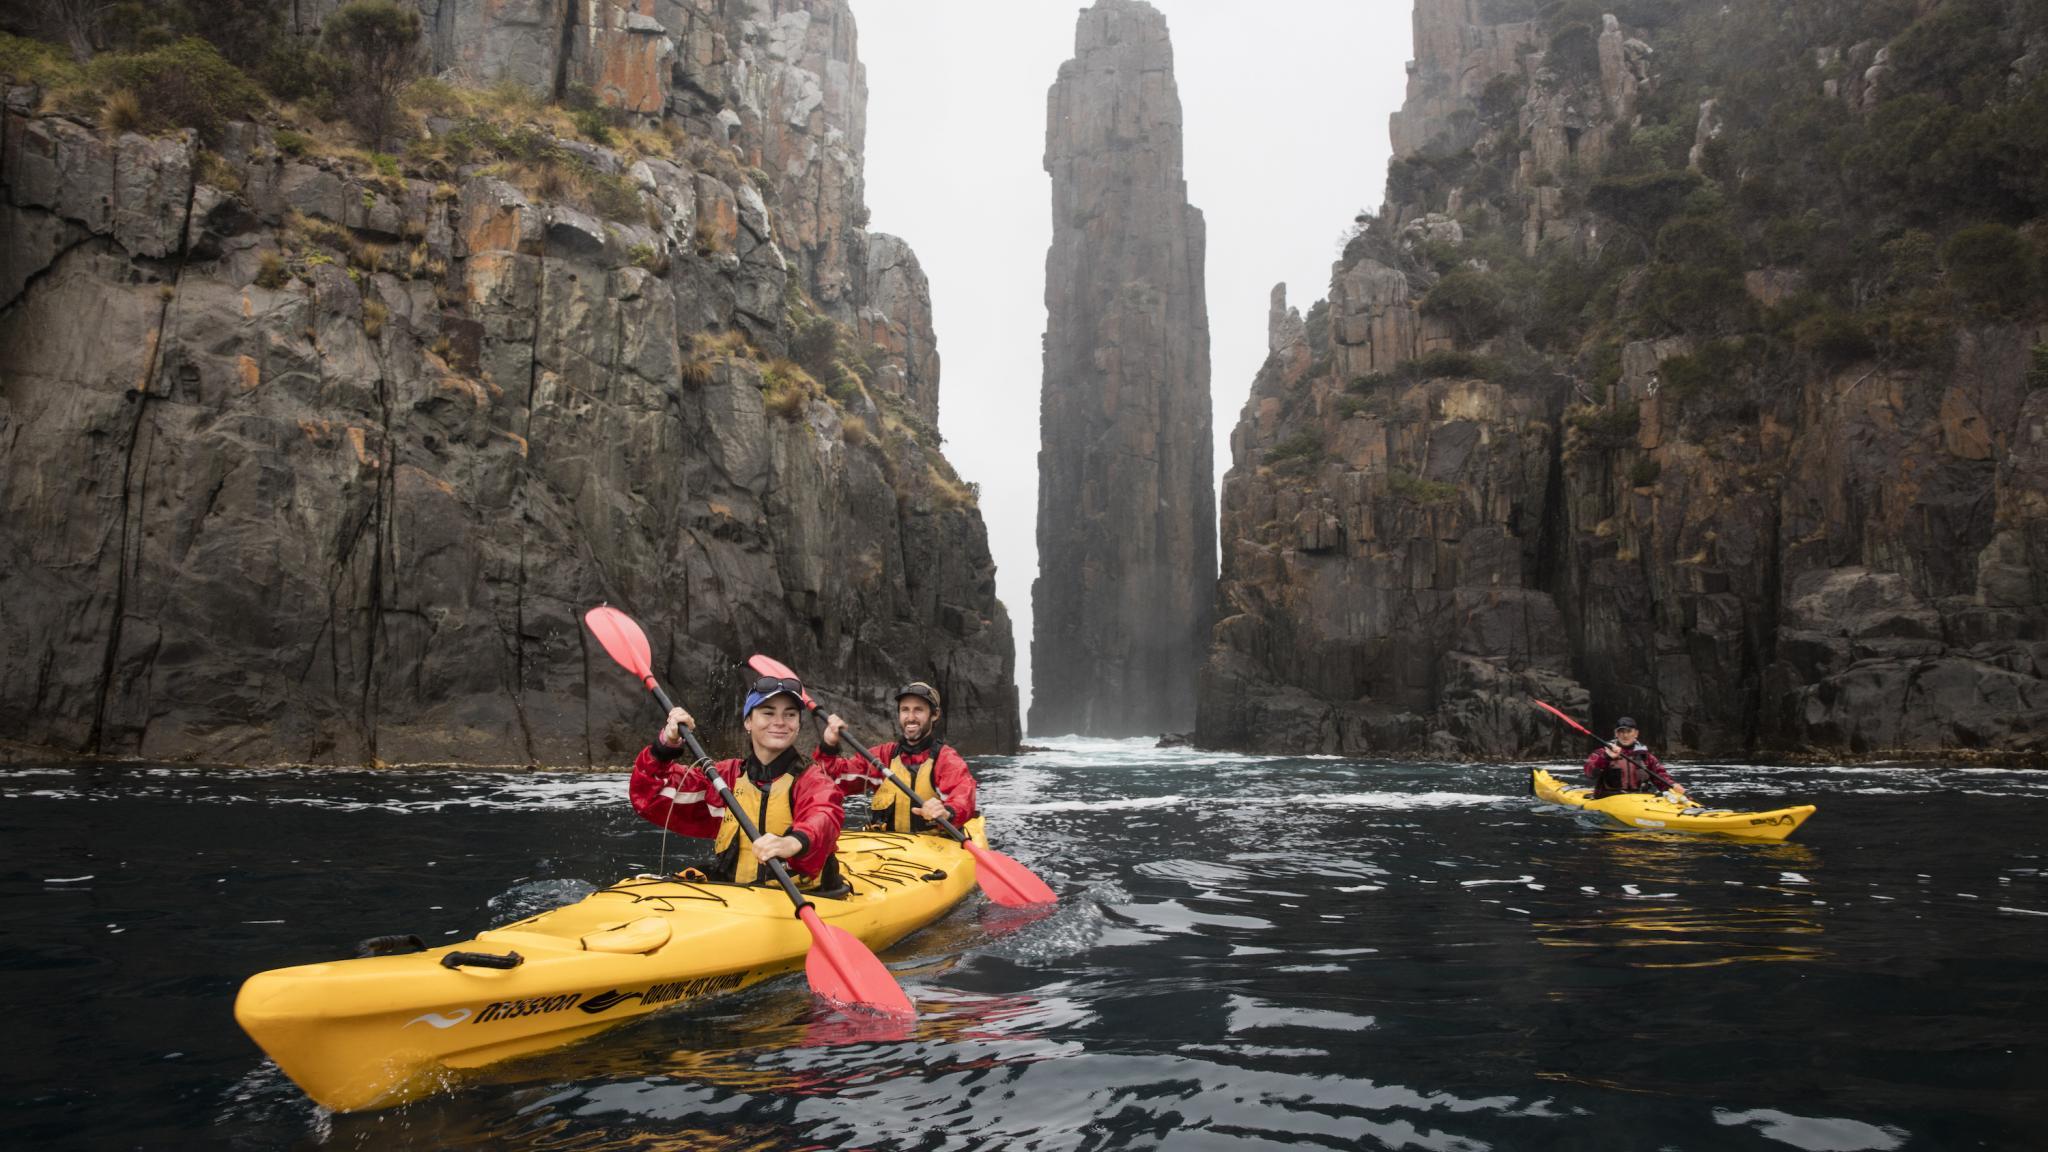 Kayaking beside the Candlestick, Fortescue Bay, Tasman Peninsula